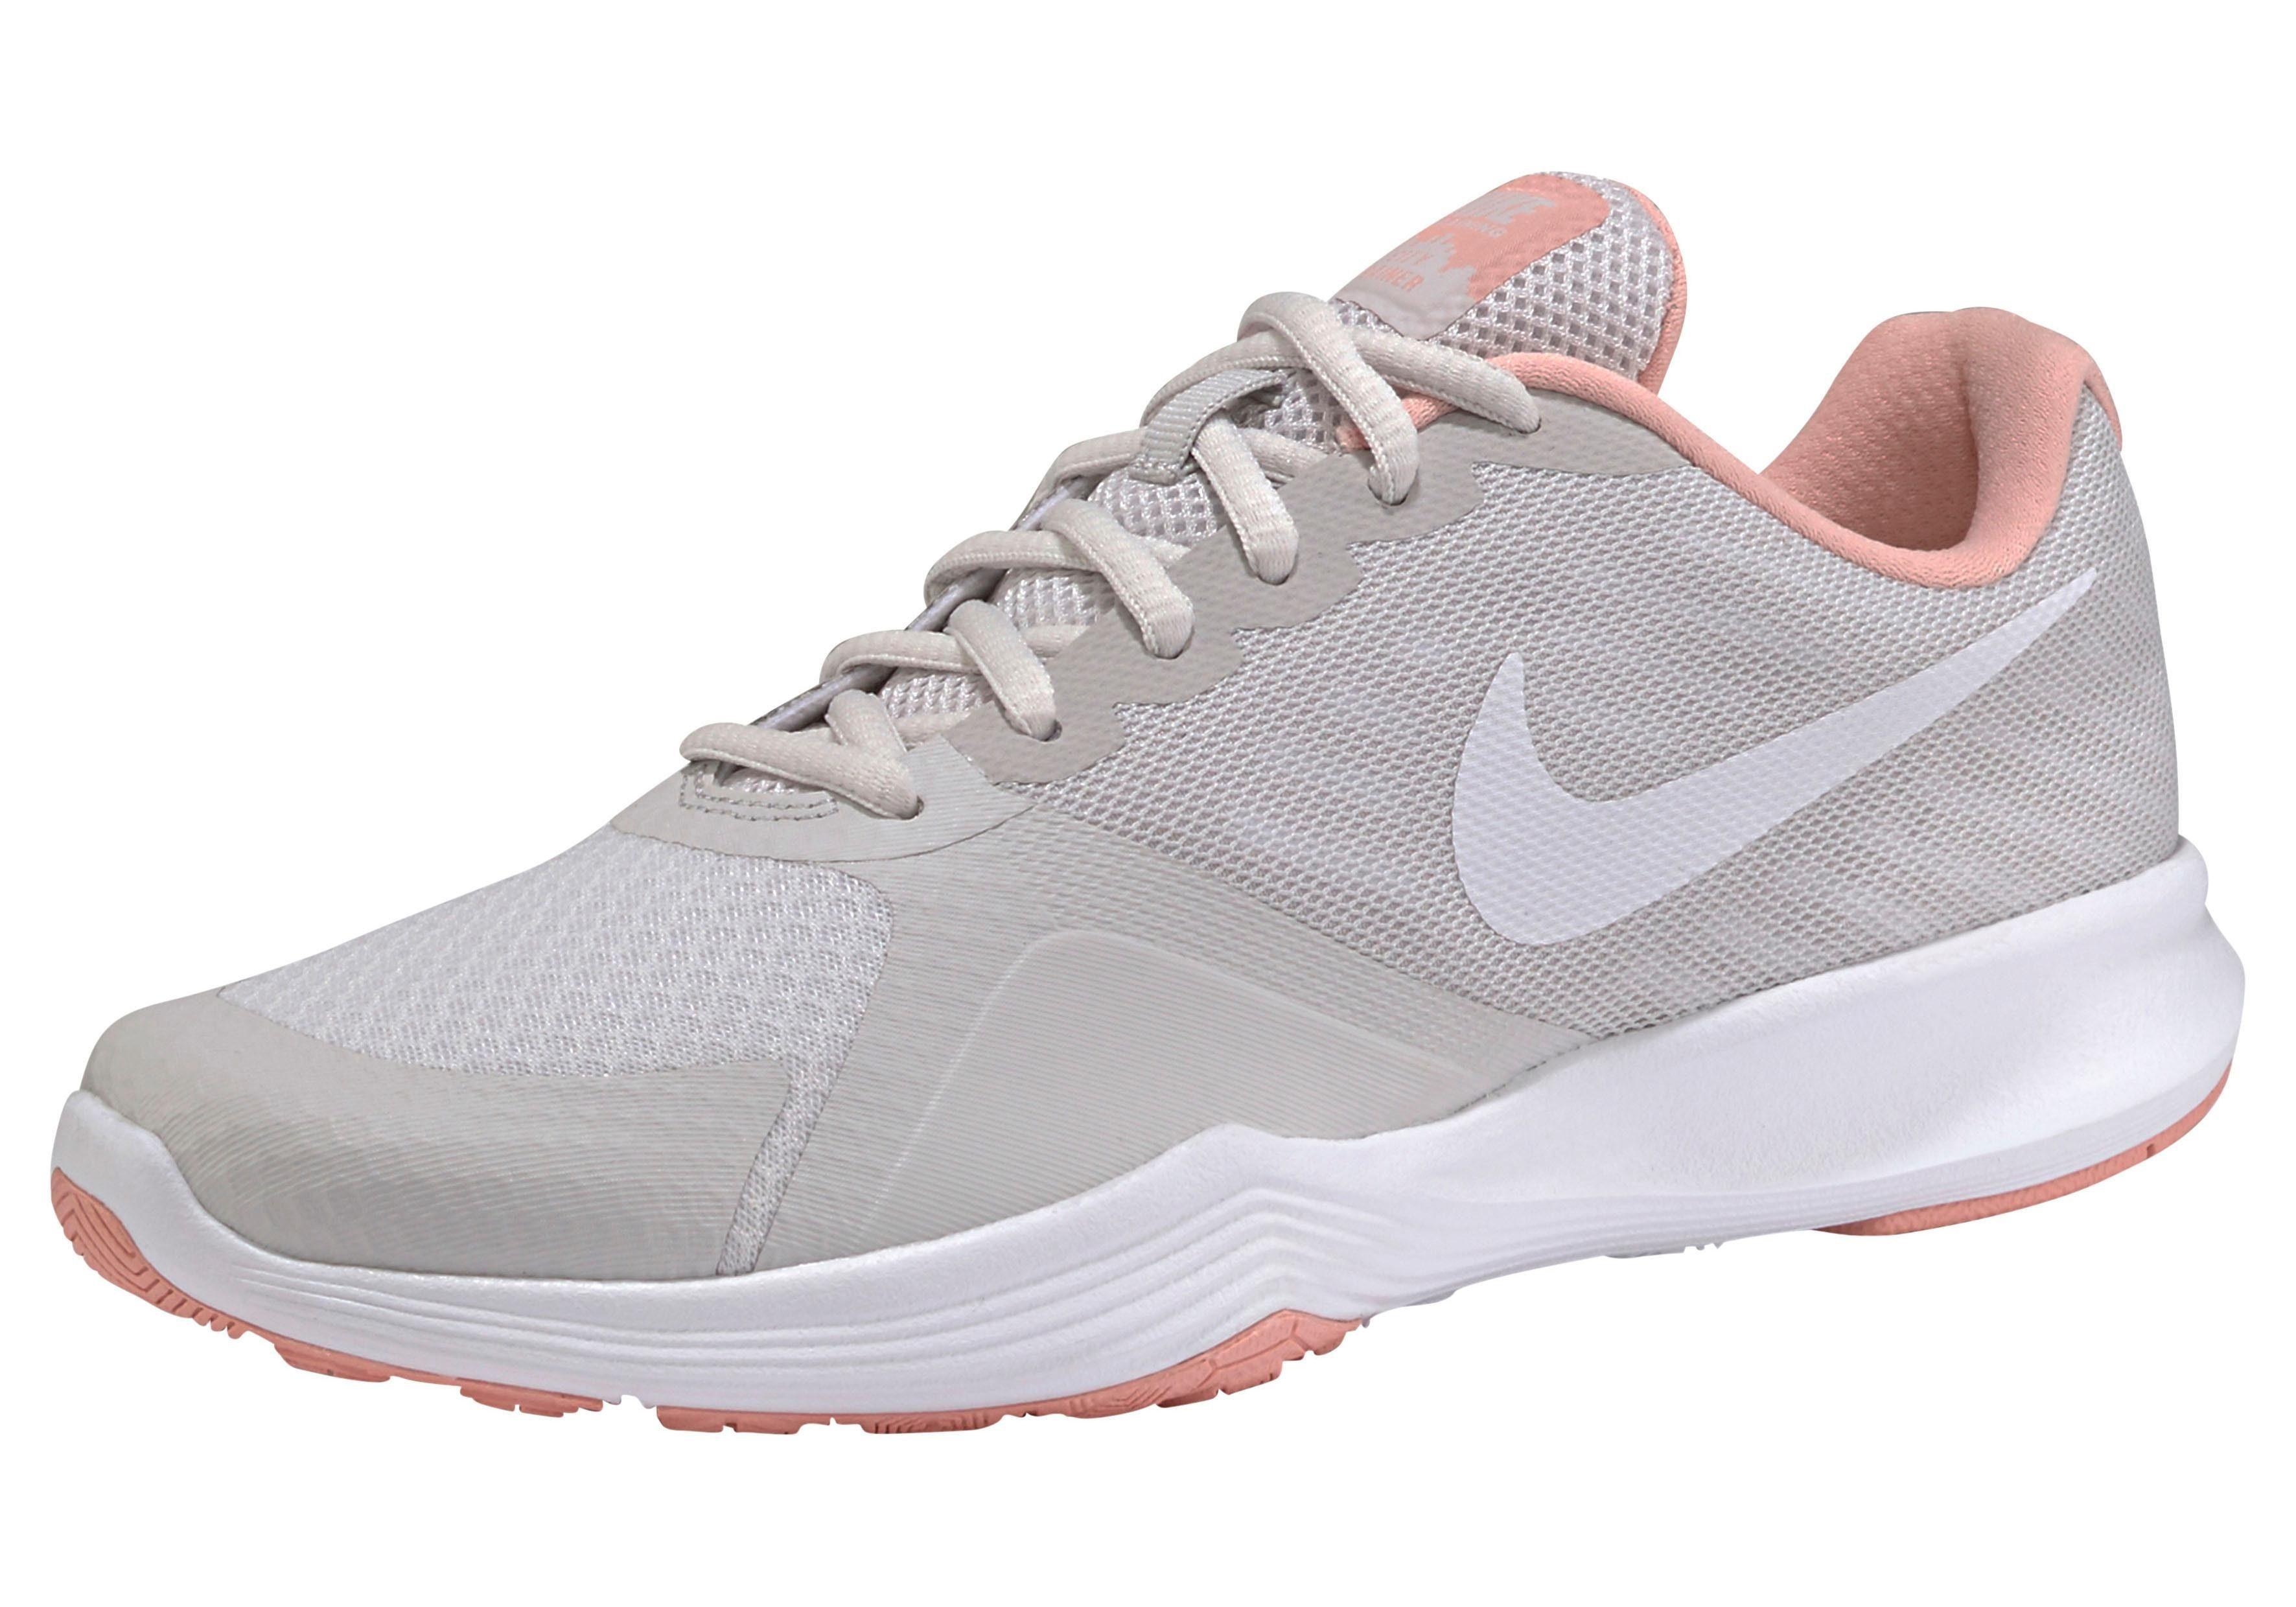 Nike Wmns City Trainer Fitnessschuh kaufen  weiß-rosé